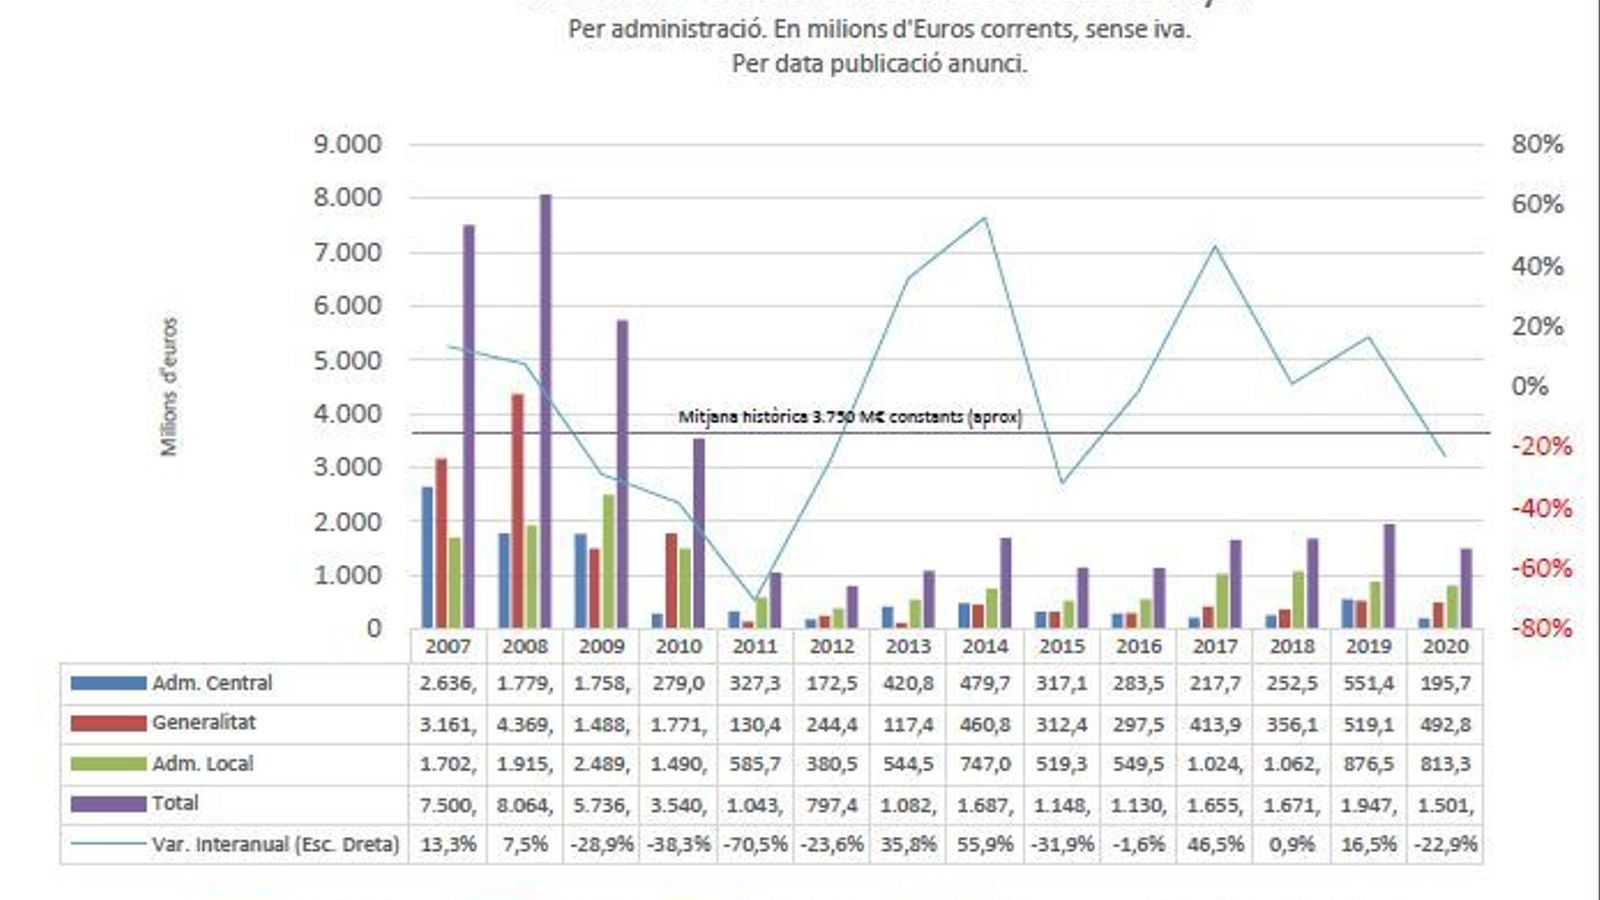 L'obra pública es desploma un 23% a Catalunya l'any de la pandèmia